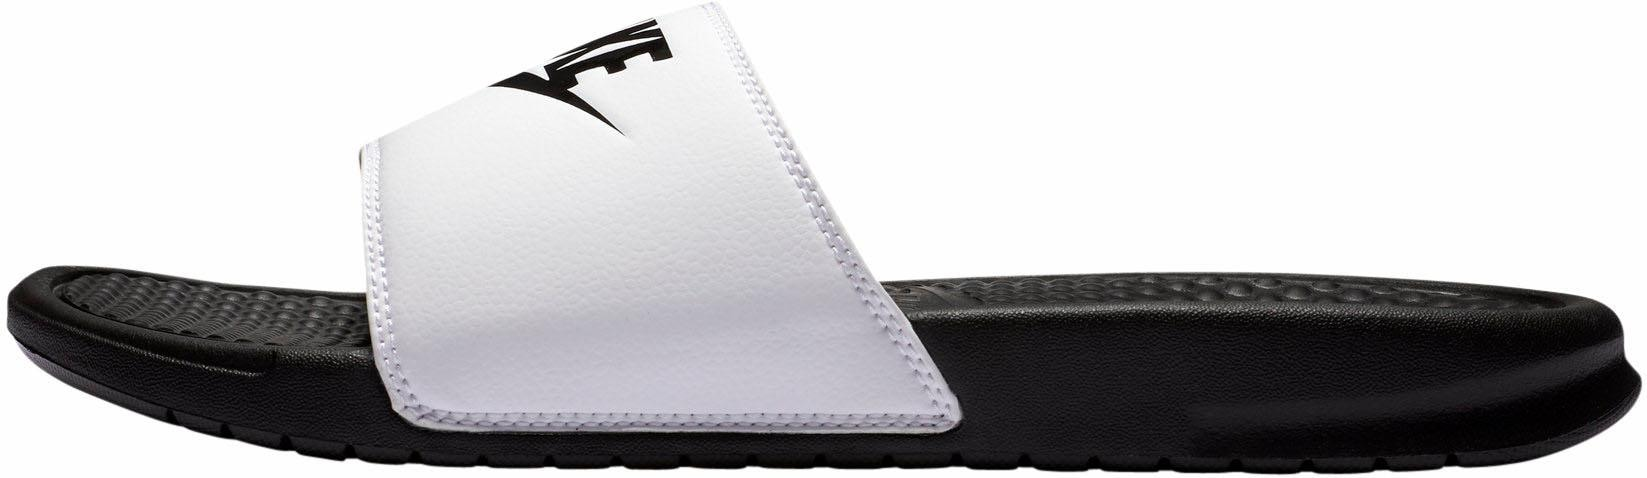 Nike Sportswear Badesandale Benassi Just do it | Schuhe > Sandalen & Zehentrenner > Sandalen | Schwarz | Nike Sportswear